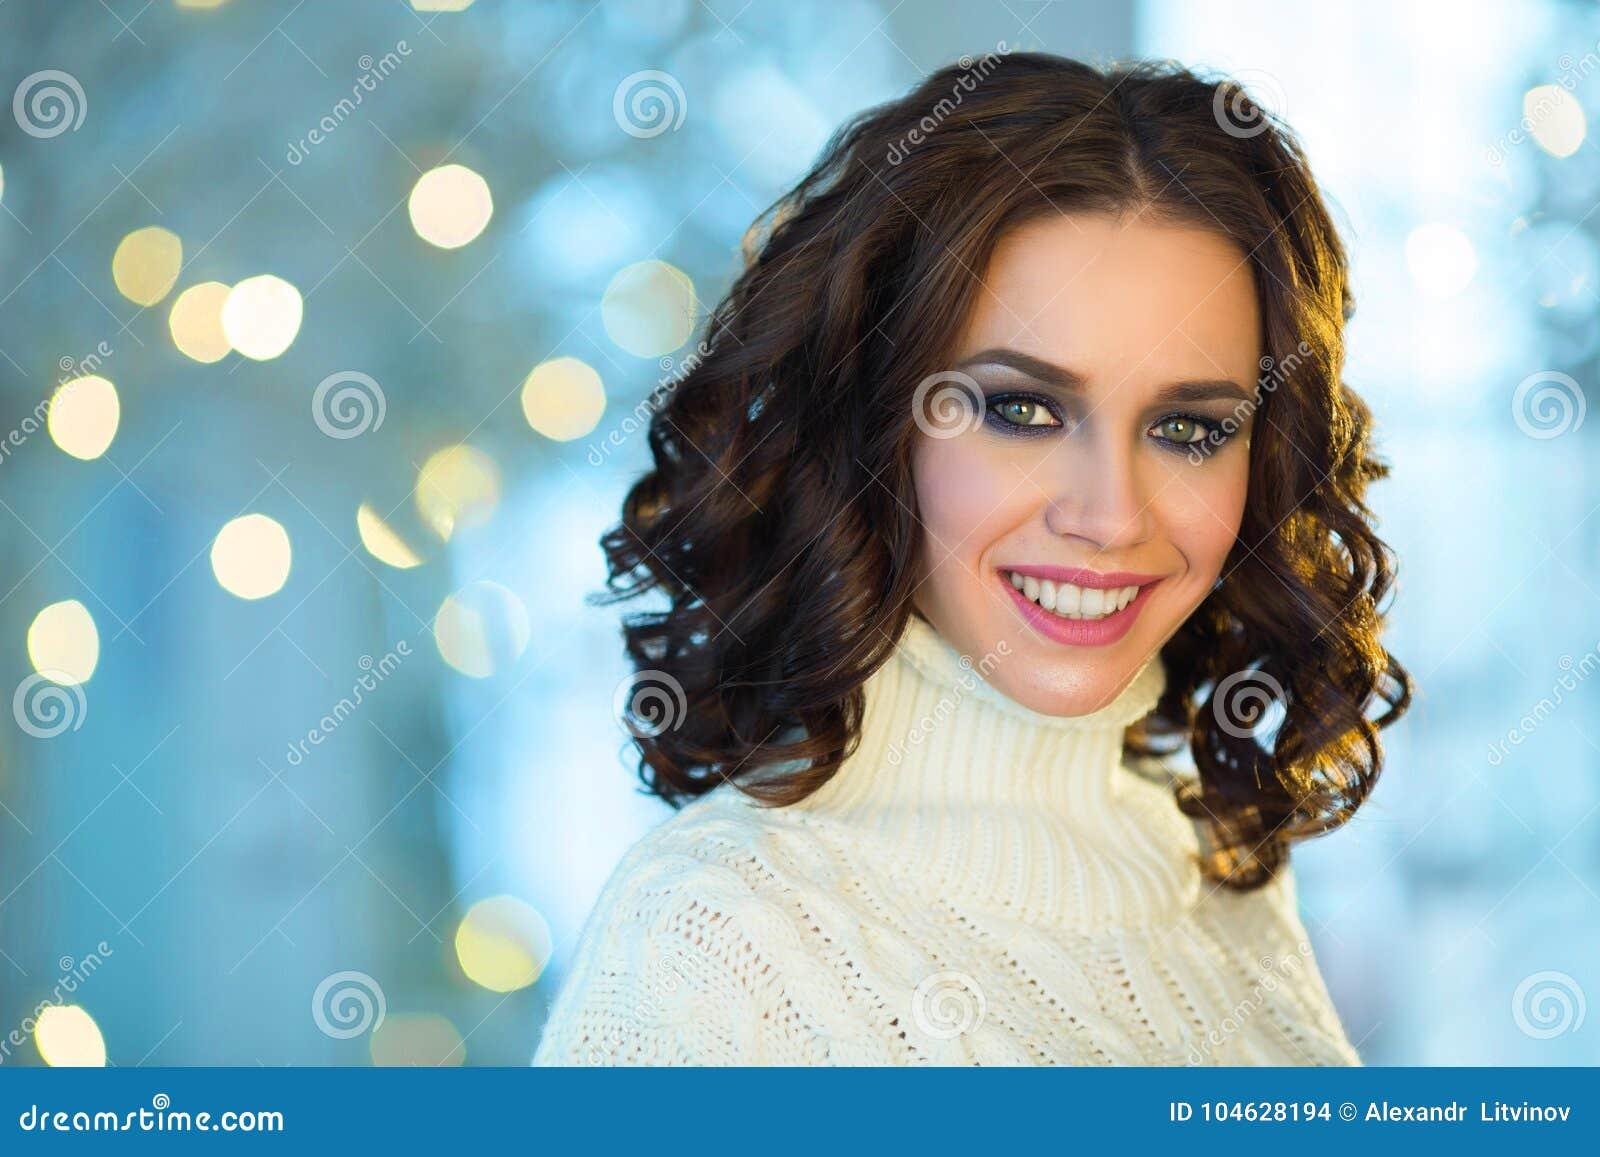 Download Mooi Meisje Met Make-up Op Vakantie Stock Foto - Afbeelding bestaande uit avond, vrolijk: 104628194